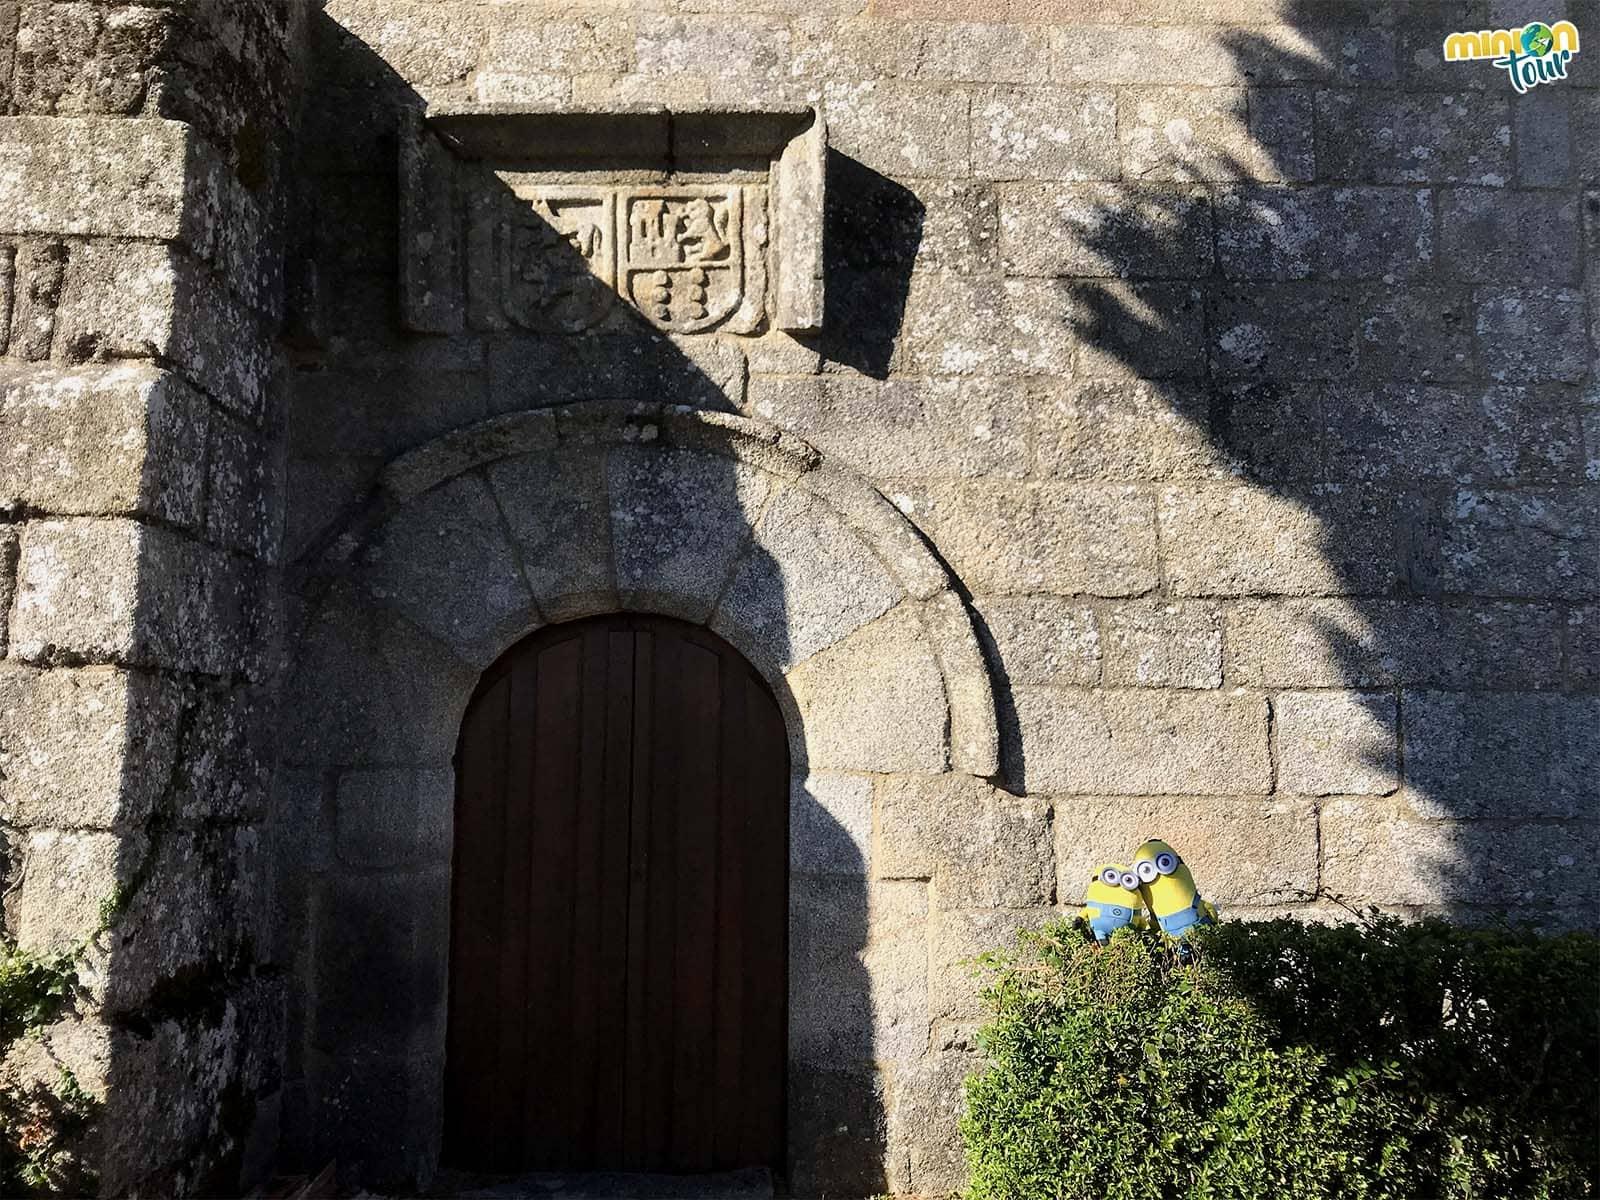 Detalle de la puerta de la iglesia